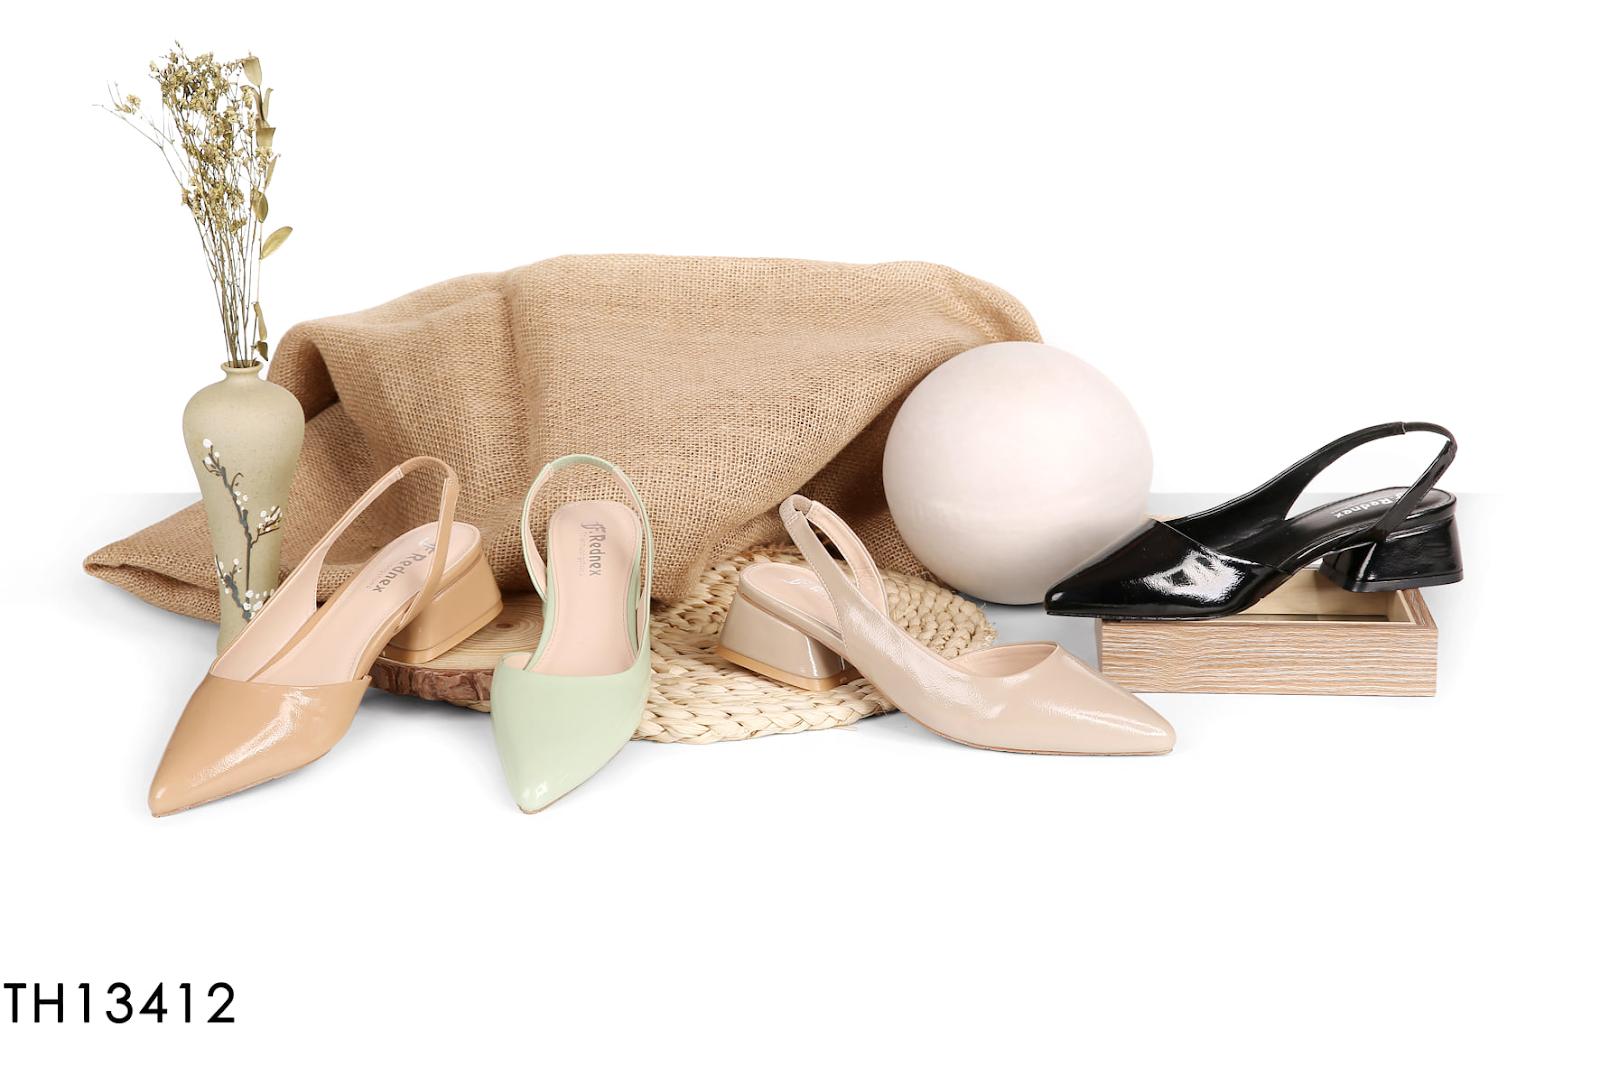 Tiêu chí lựa chọn xưởng sản xuất giày dép